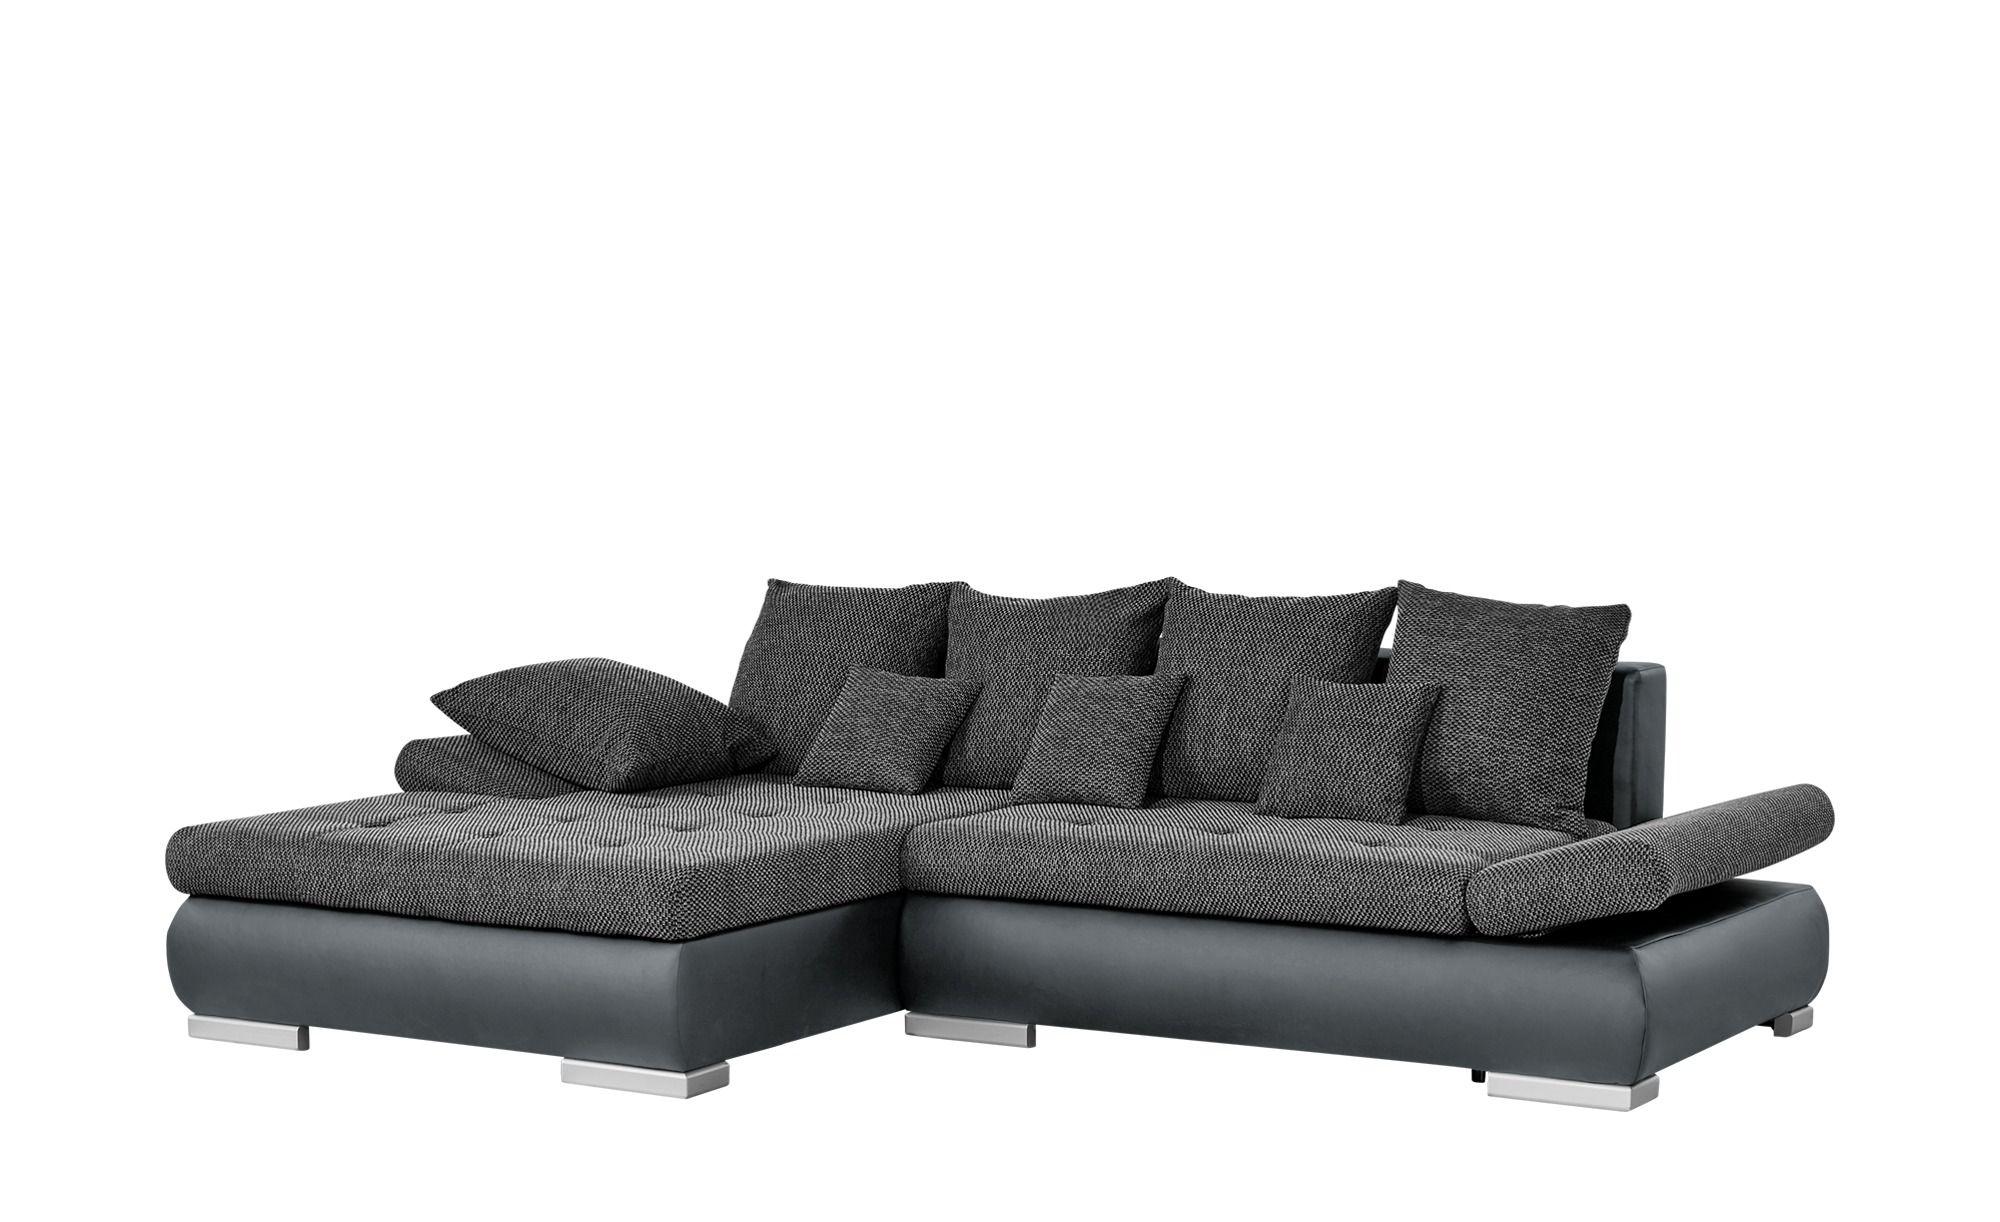 Switch Eckcouch Anthrazit Kunstleder Webstoff Ivan In 2020 Couch Eckcouch Und Kleine Kissen